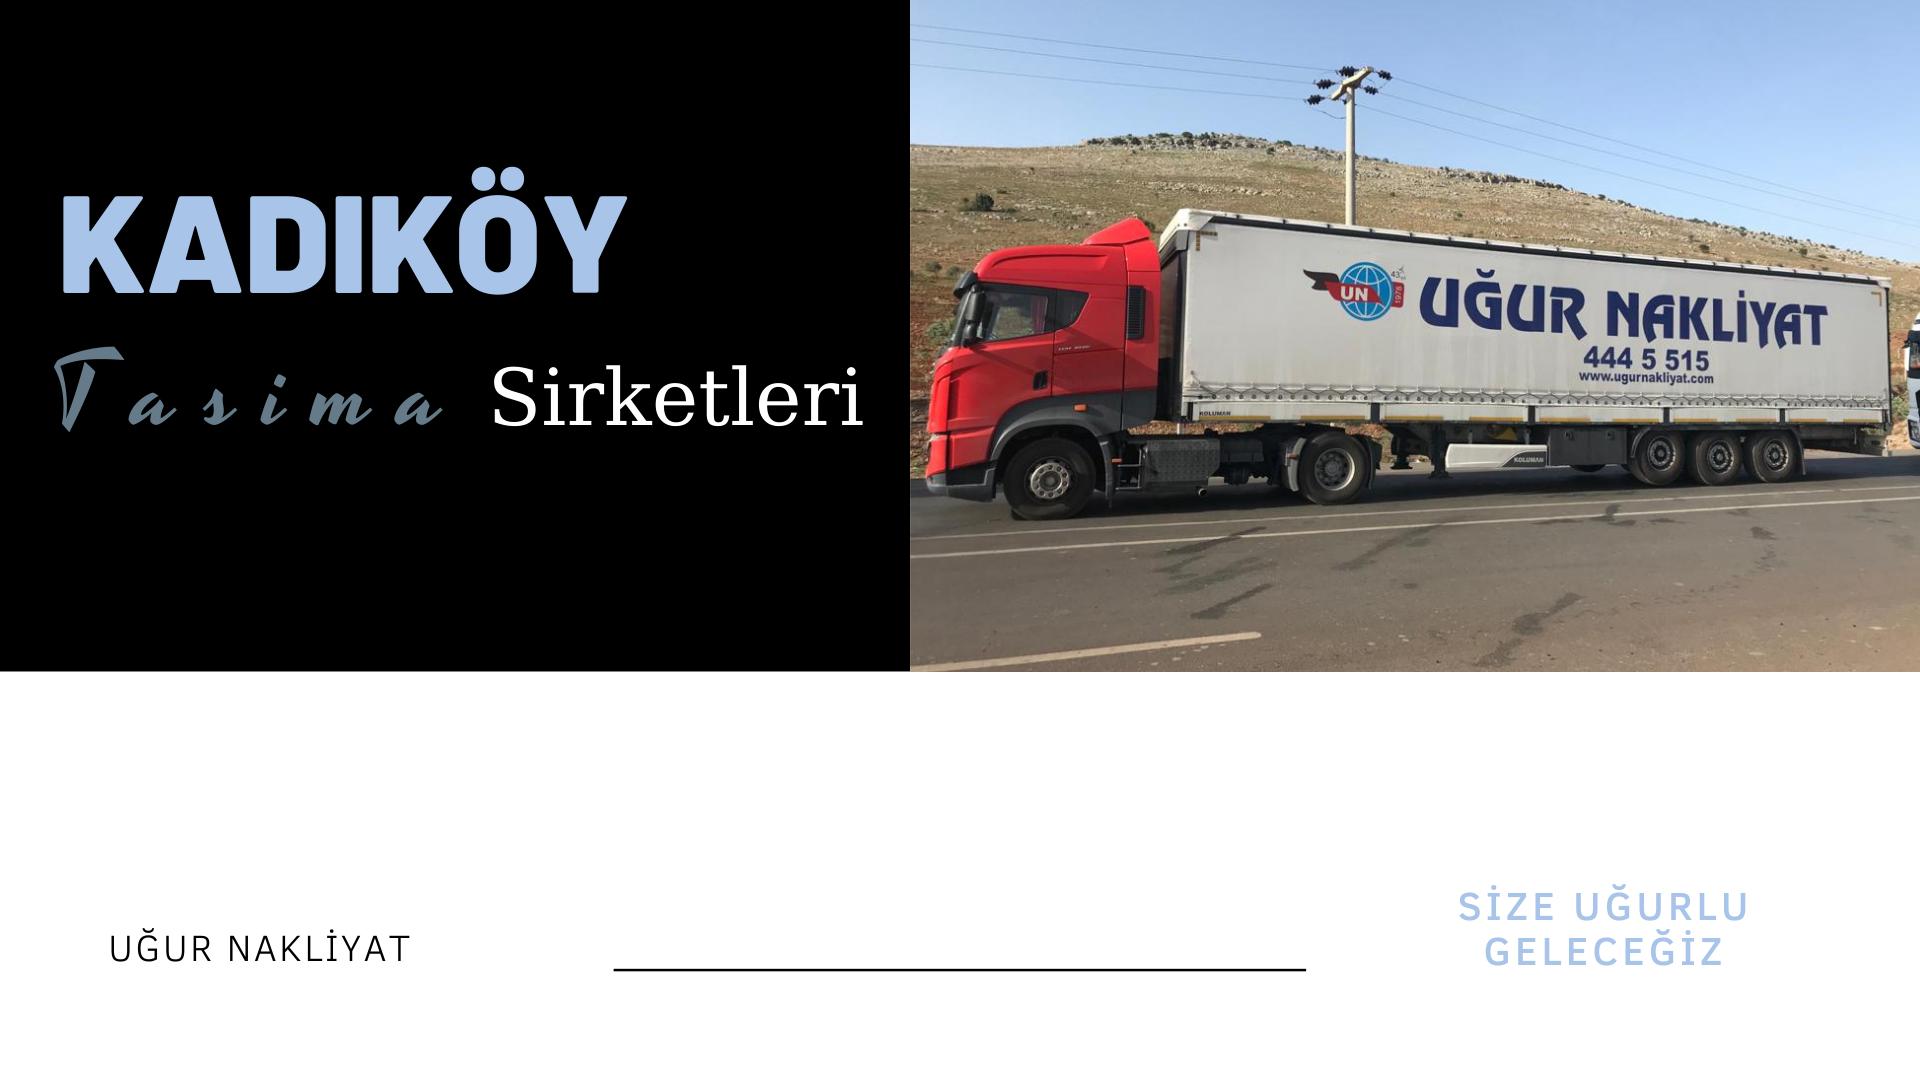 Kadıköy taşıma şirketleri